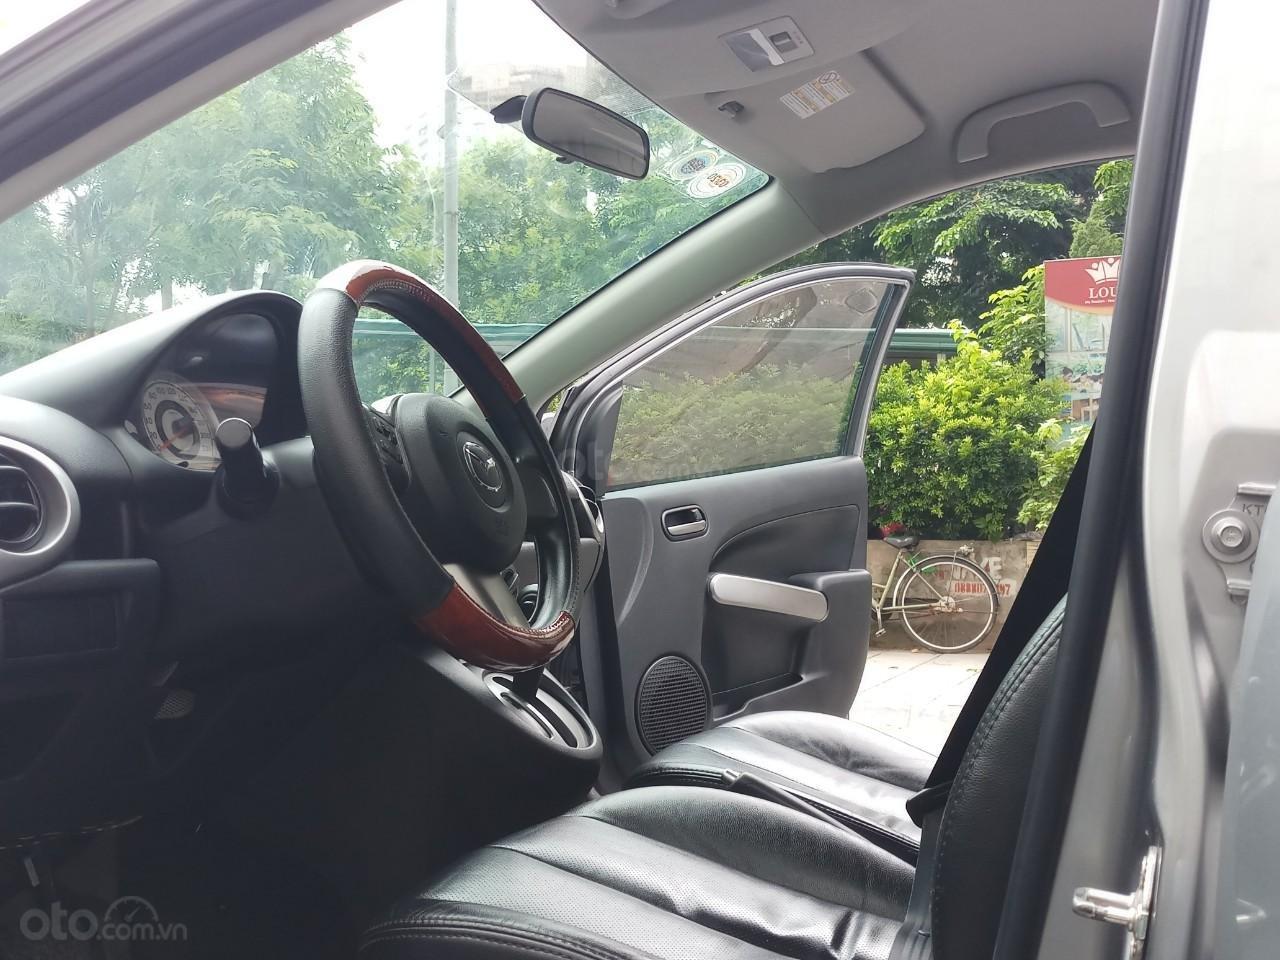 Ô Tô Thủ Đô bán xe Mazda 2 1.5L sản xuất 2013 màu bạc, 335 triệu (7)